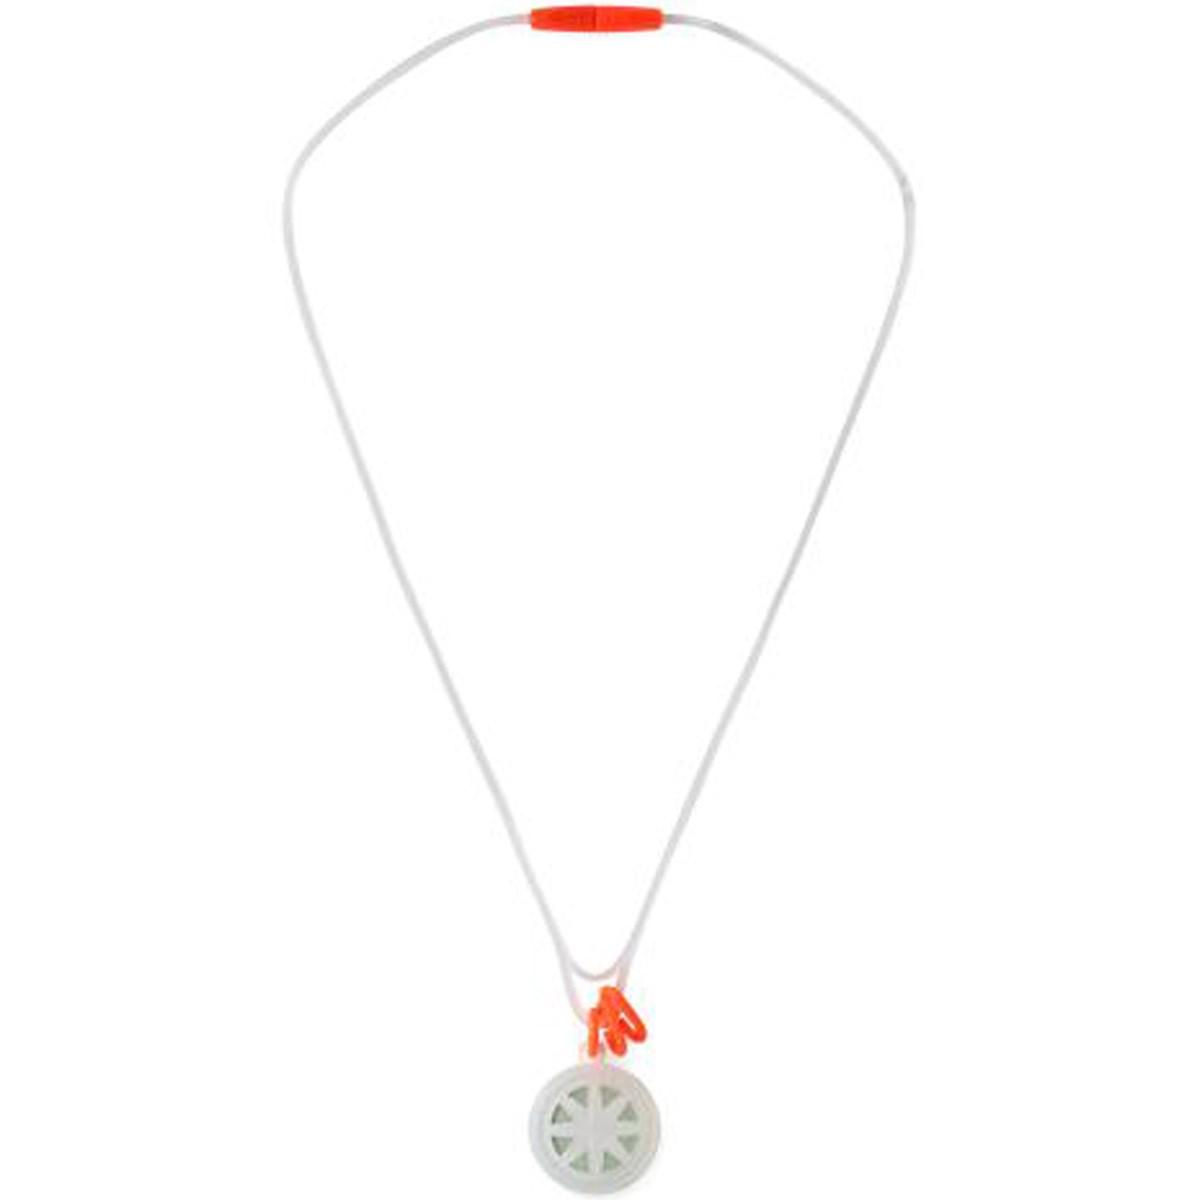 バンデル collection line GHOST ネックレス